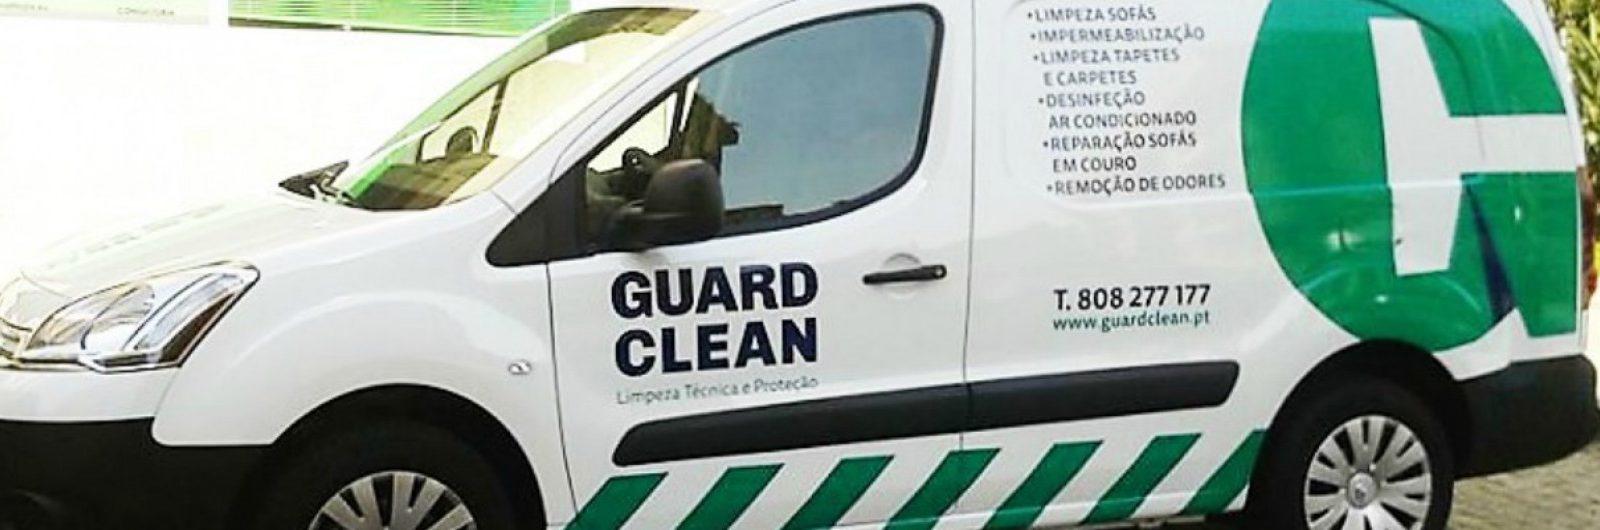 Guard Clean vai abrir duas novas unidades